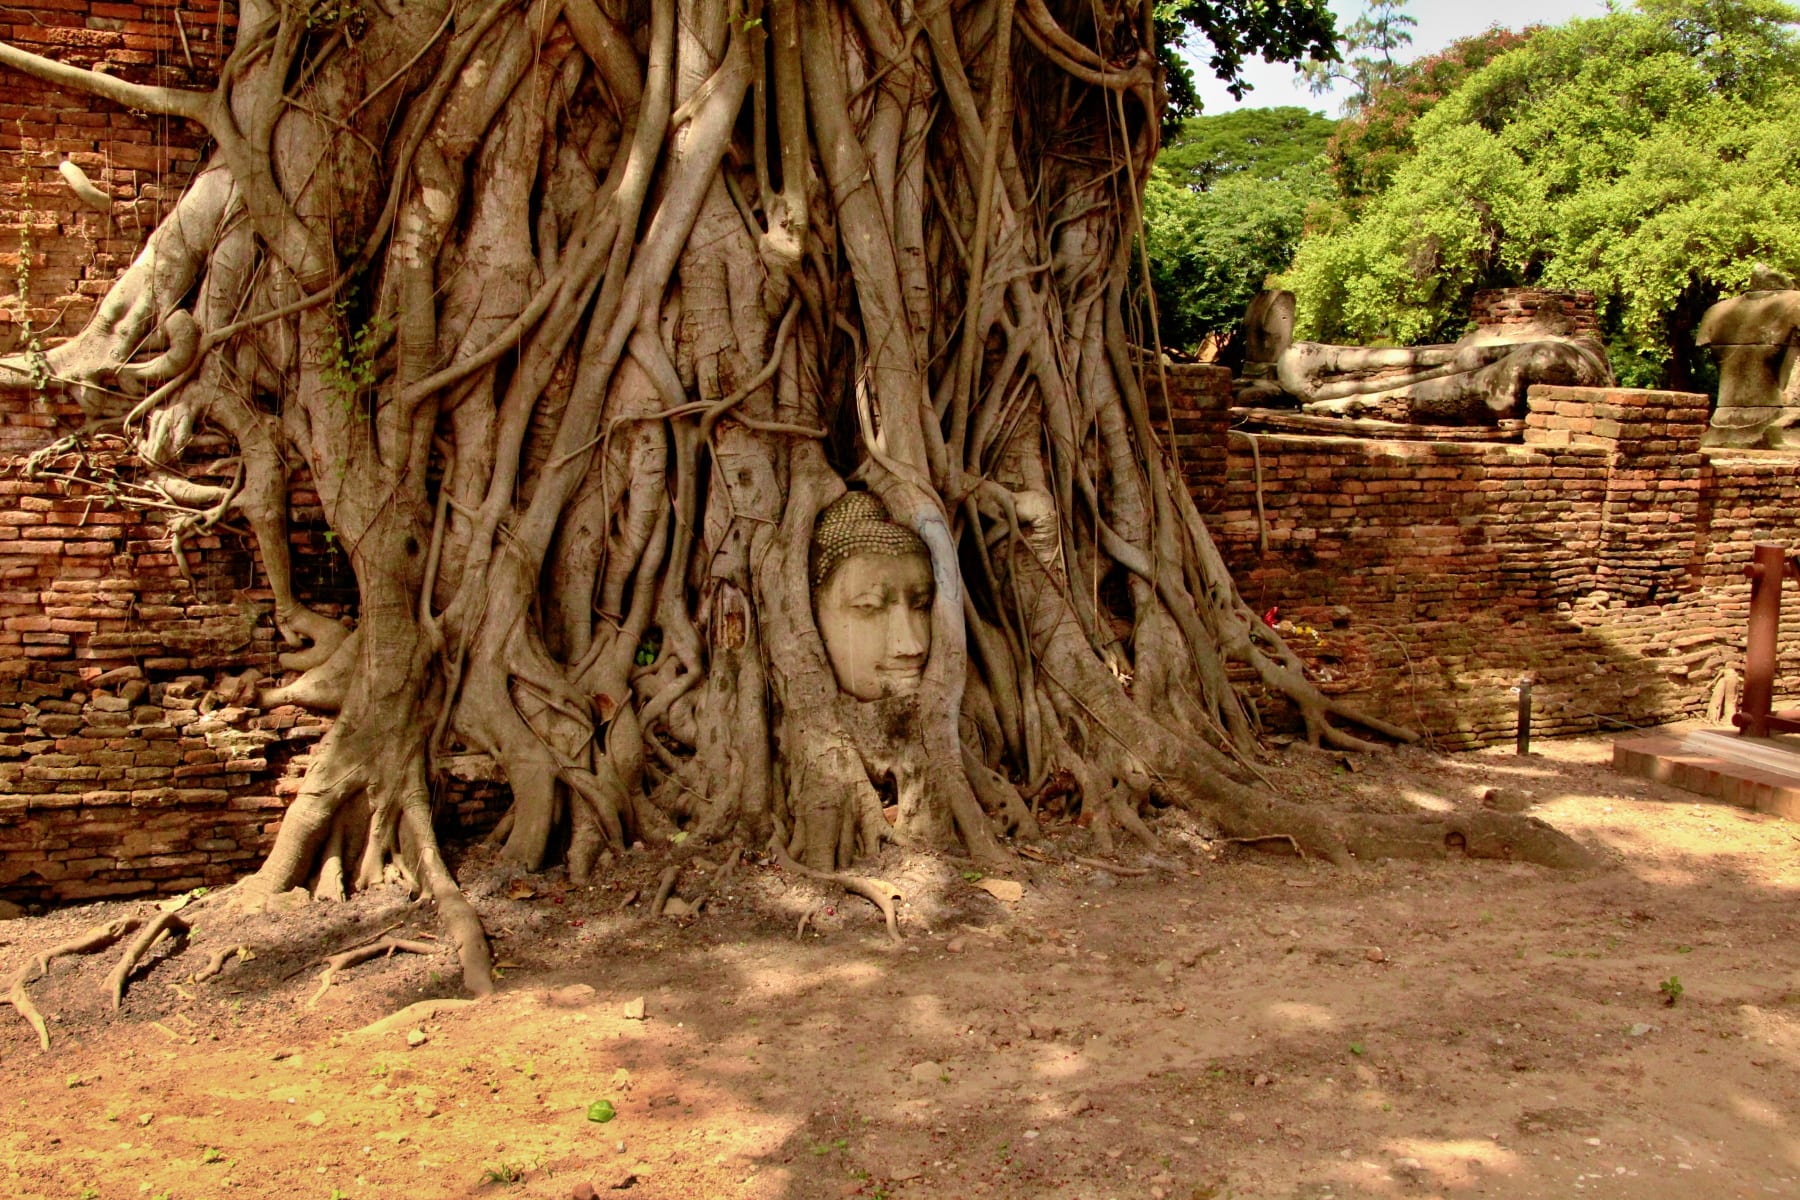 Hlava Buddhy v kořenech stromů, Ayutthaya,Thajsko